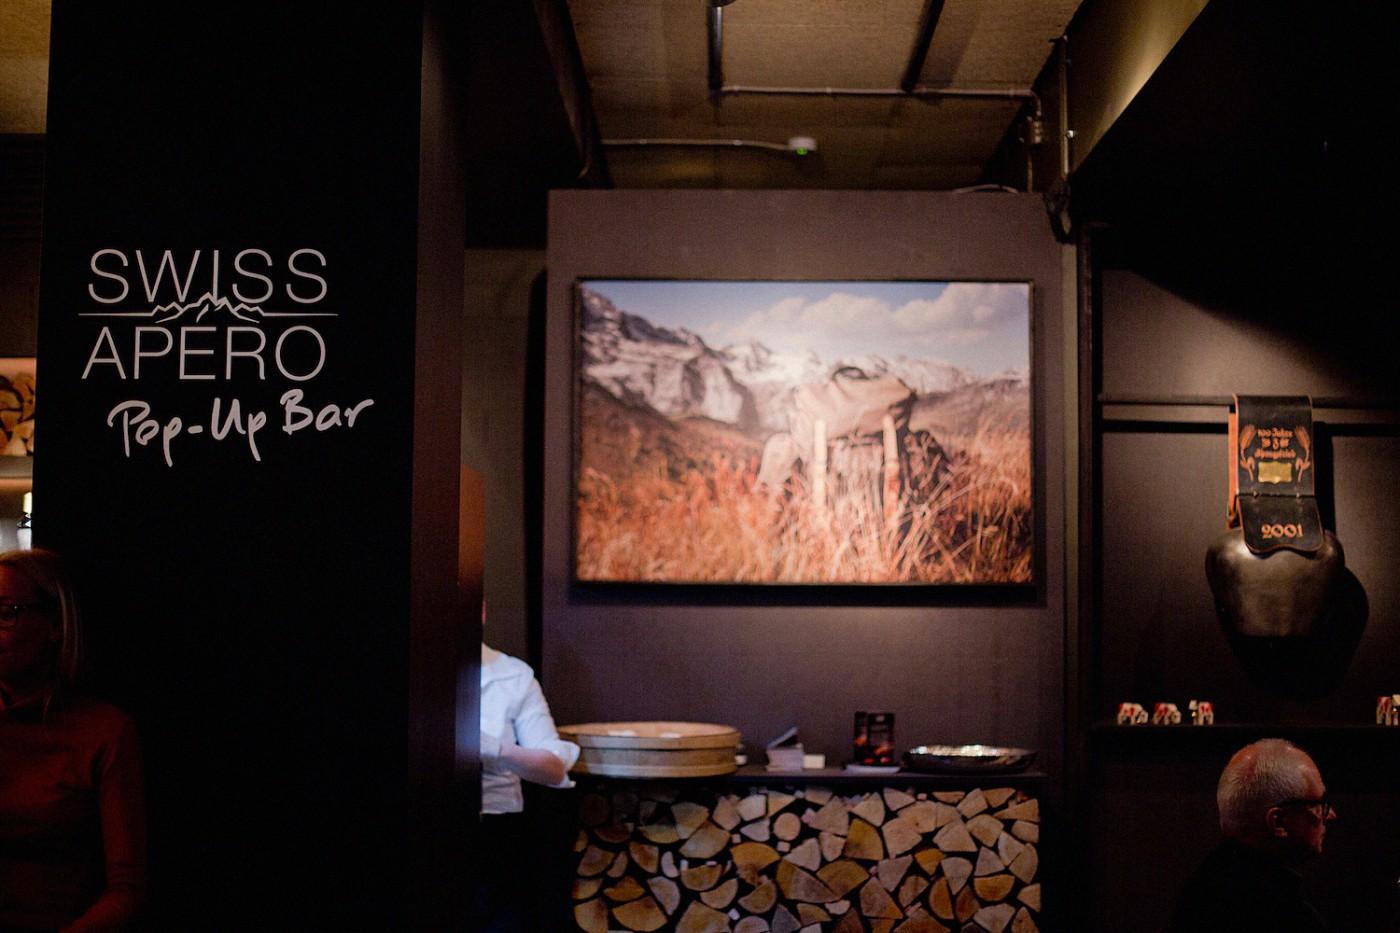 Swiss apero münchen, schweizer fleisch, DIE REGISTRATUR BAR, Wine Tours Switzerland, alpenhirt, bündtnerfleisch